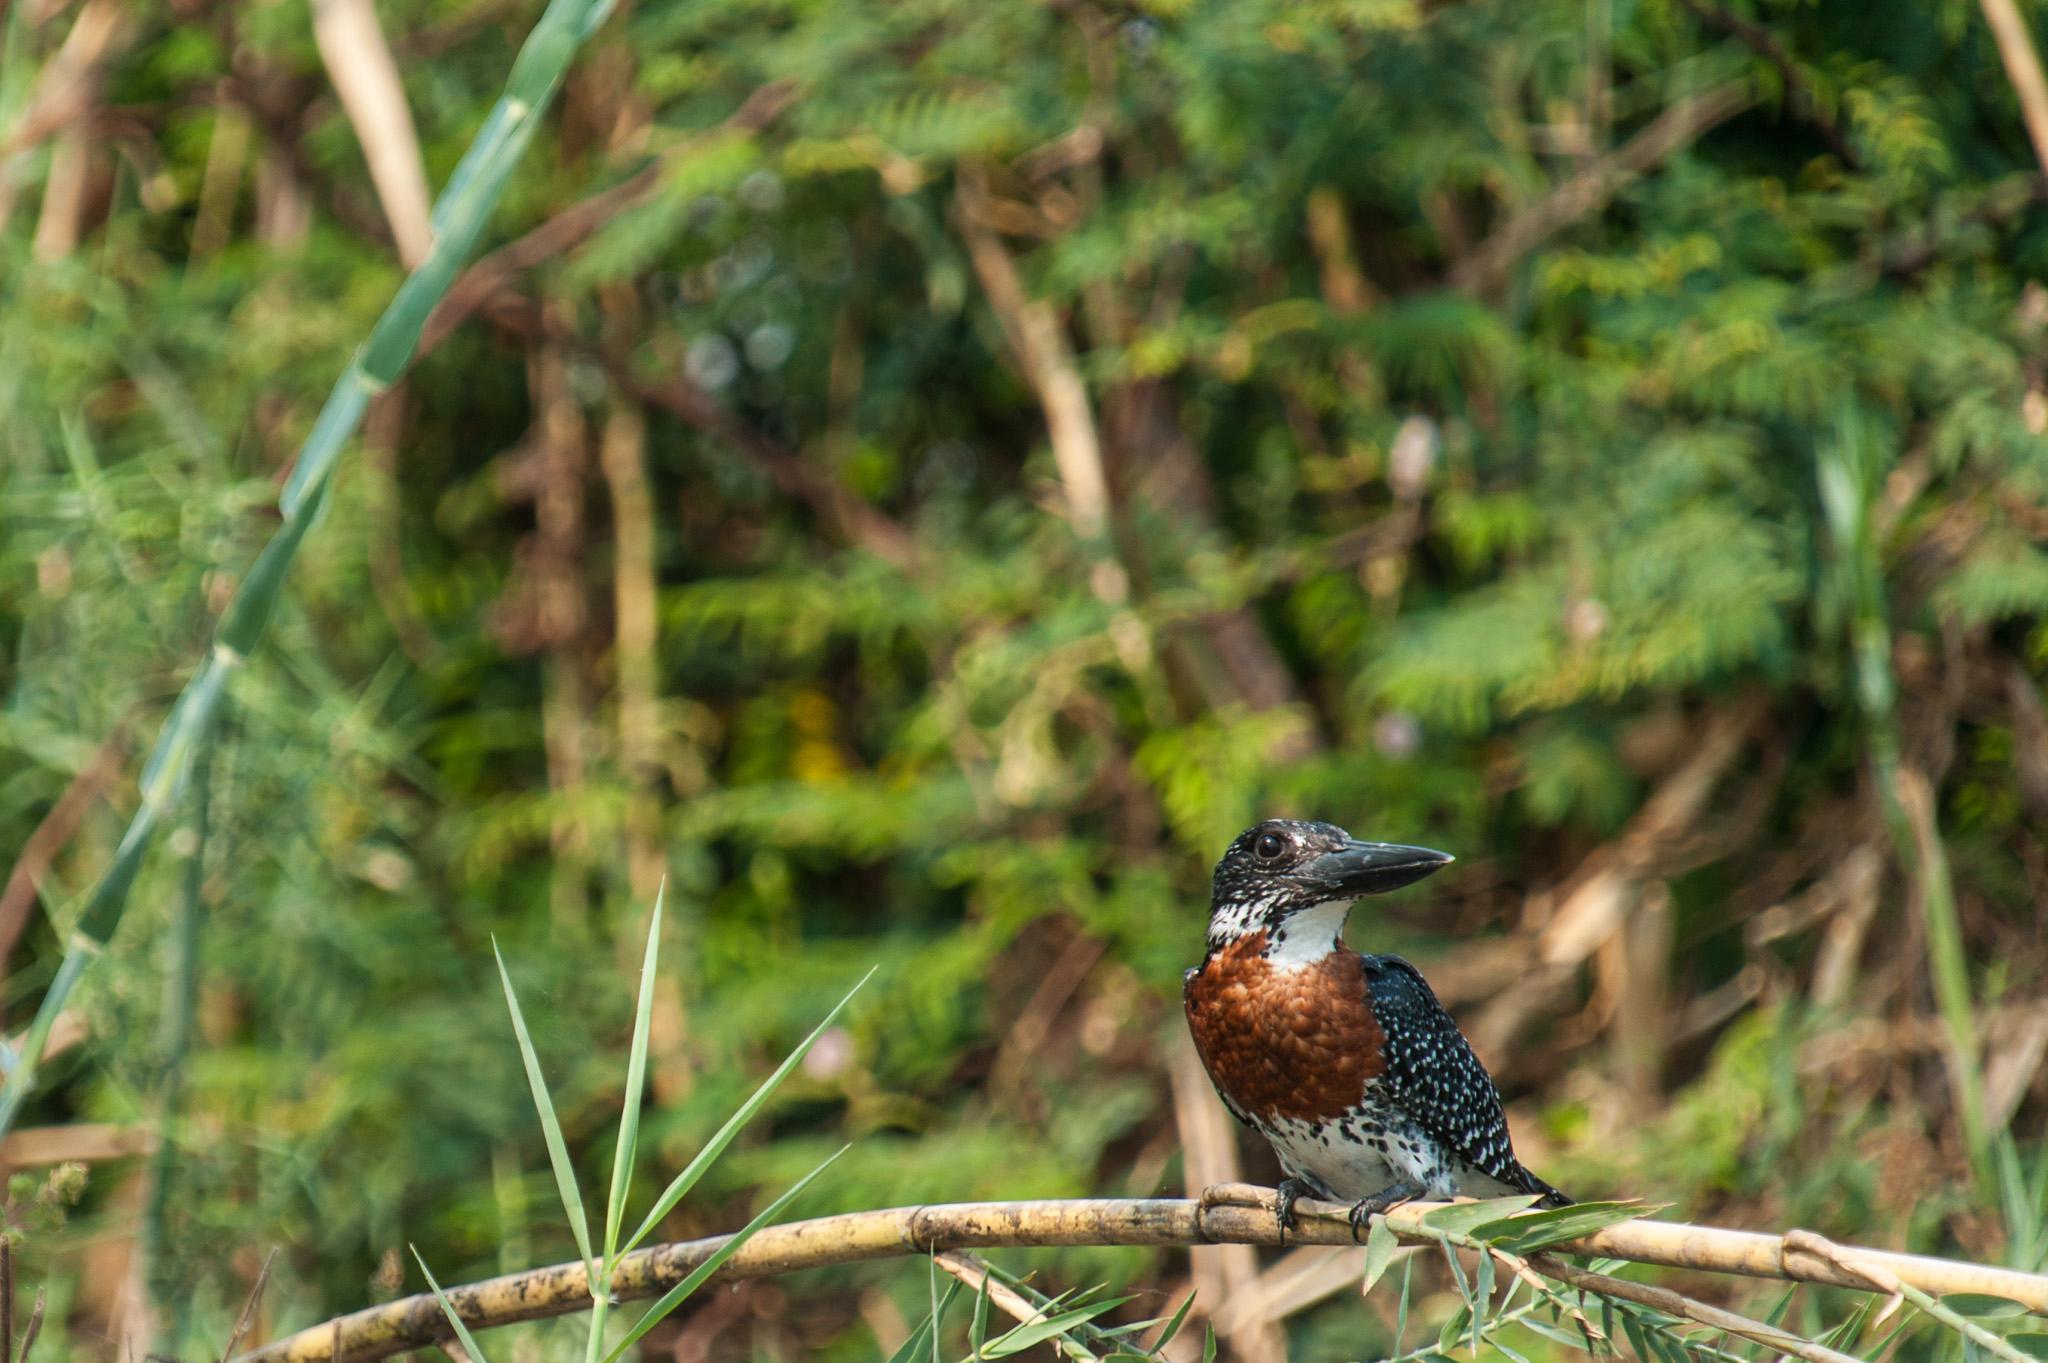 Male Giant Kingfisher, Zambezi River, Chobe NP, Botswana